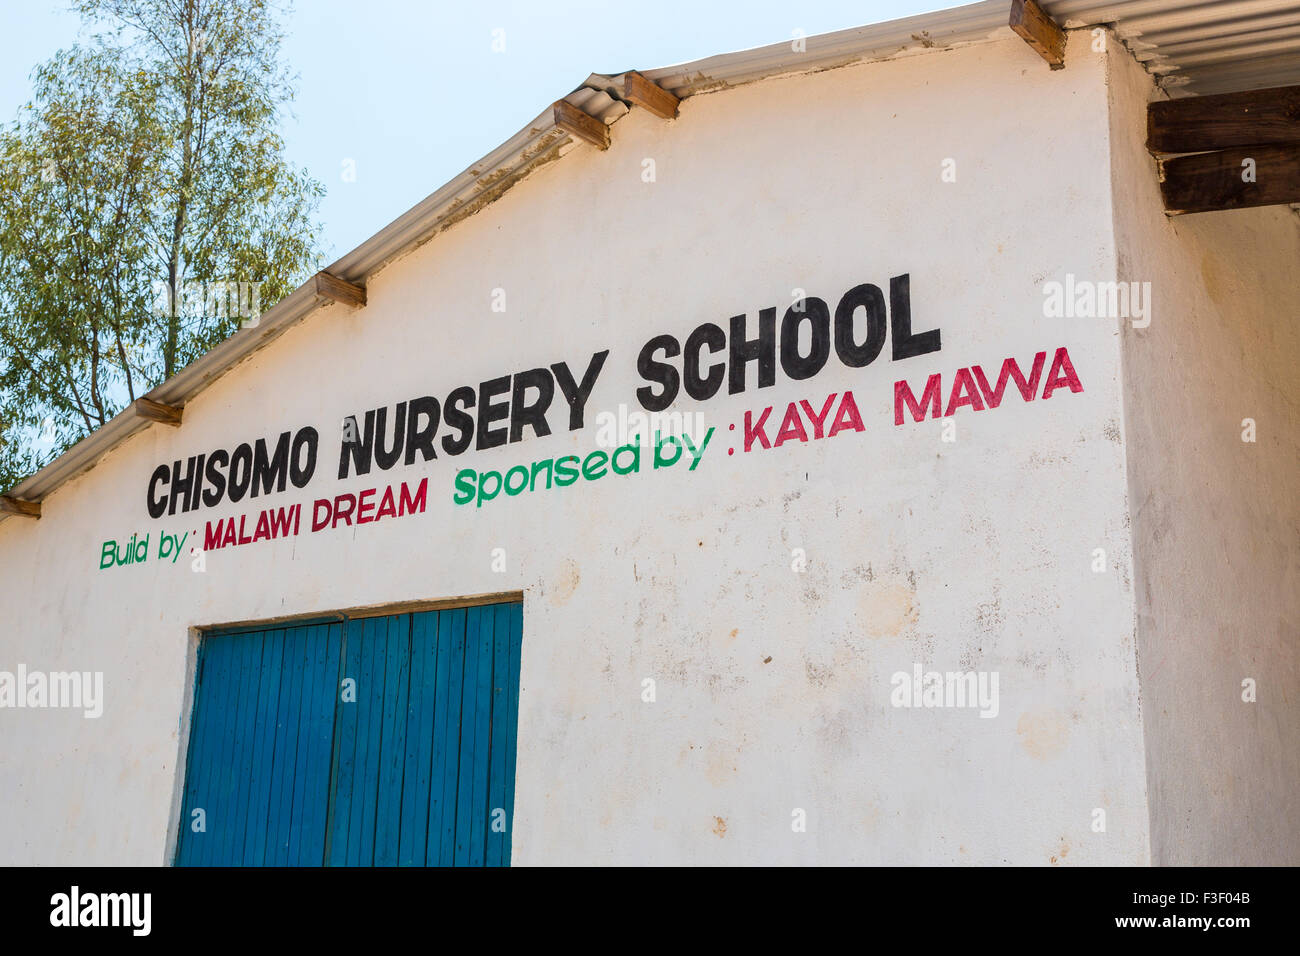 L'extérieur de l'école maternelle, Chisomo Nkhwazi, Likoma Island Village, le lac Malawi, Malawi, Afrique du sud-est Banque D'Images